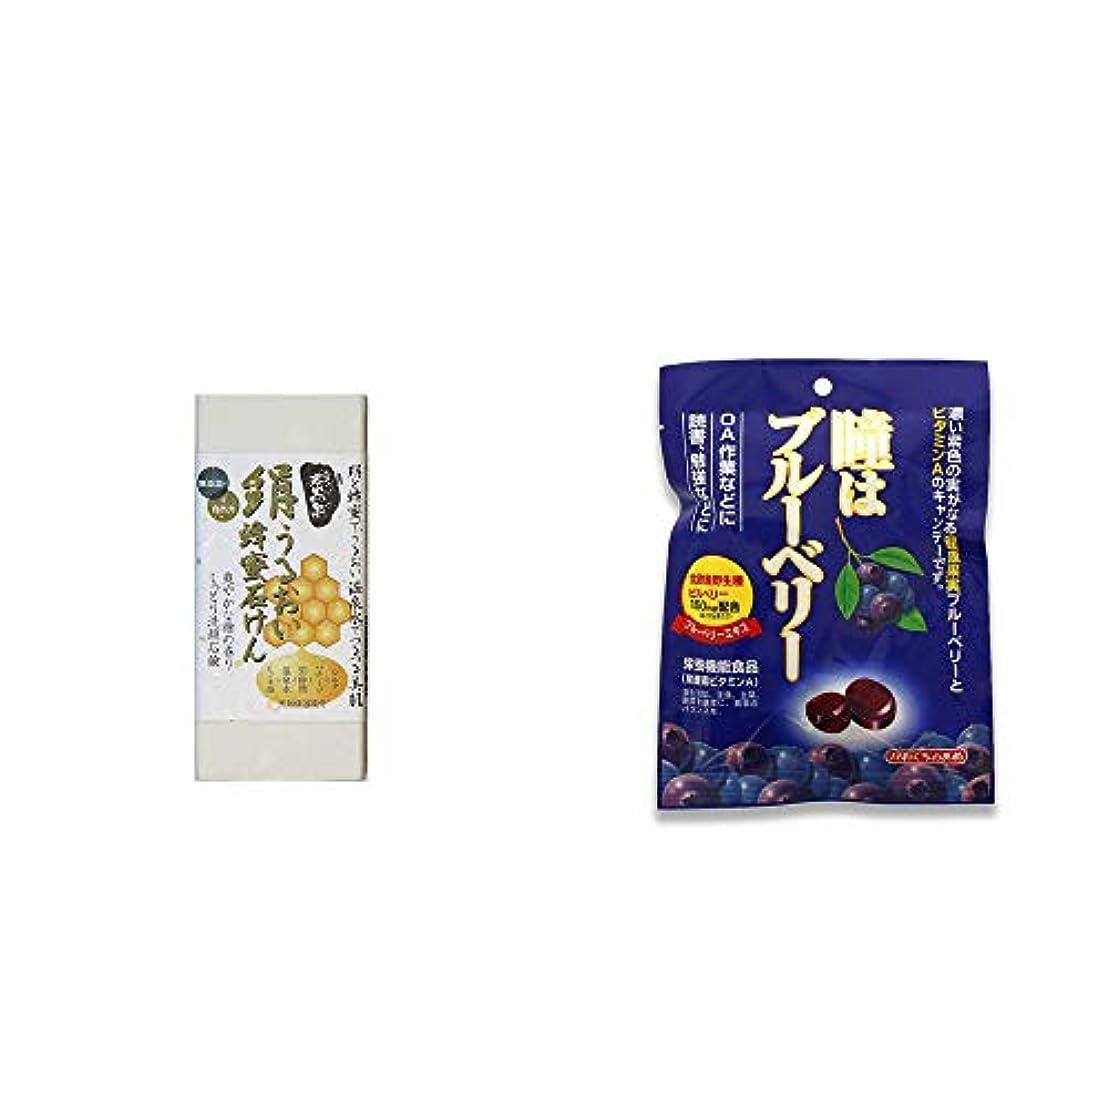 リーンティーンエイジャー熱帯の[2点セット] ひのき炭黒泉 絹うるおい蜂蜜石けん(75g×2)?瞳はブルーベリー 健康機能食品[ビタミンA](100g)